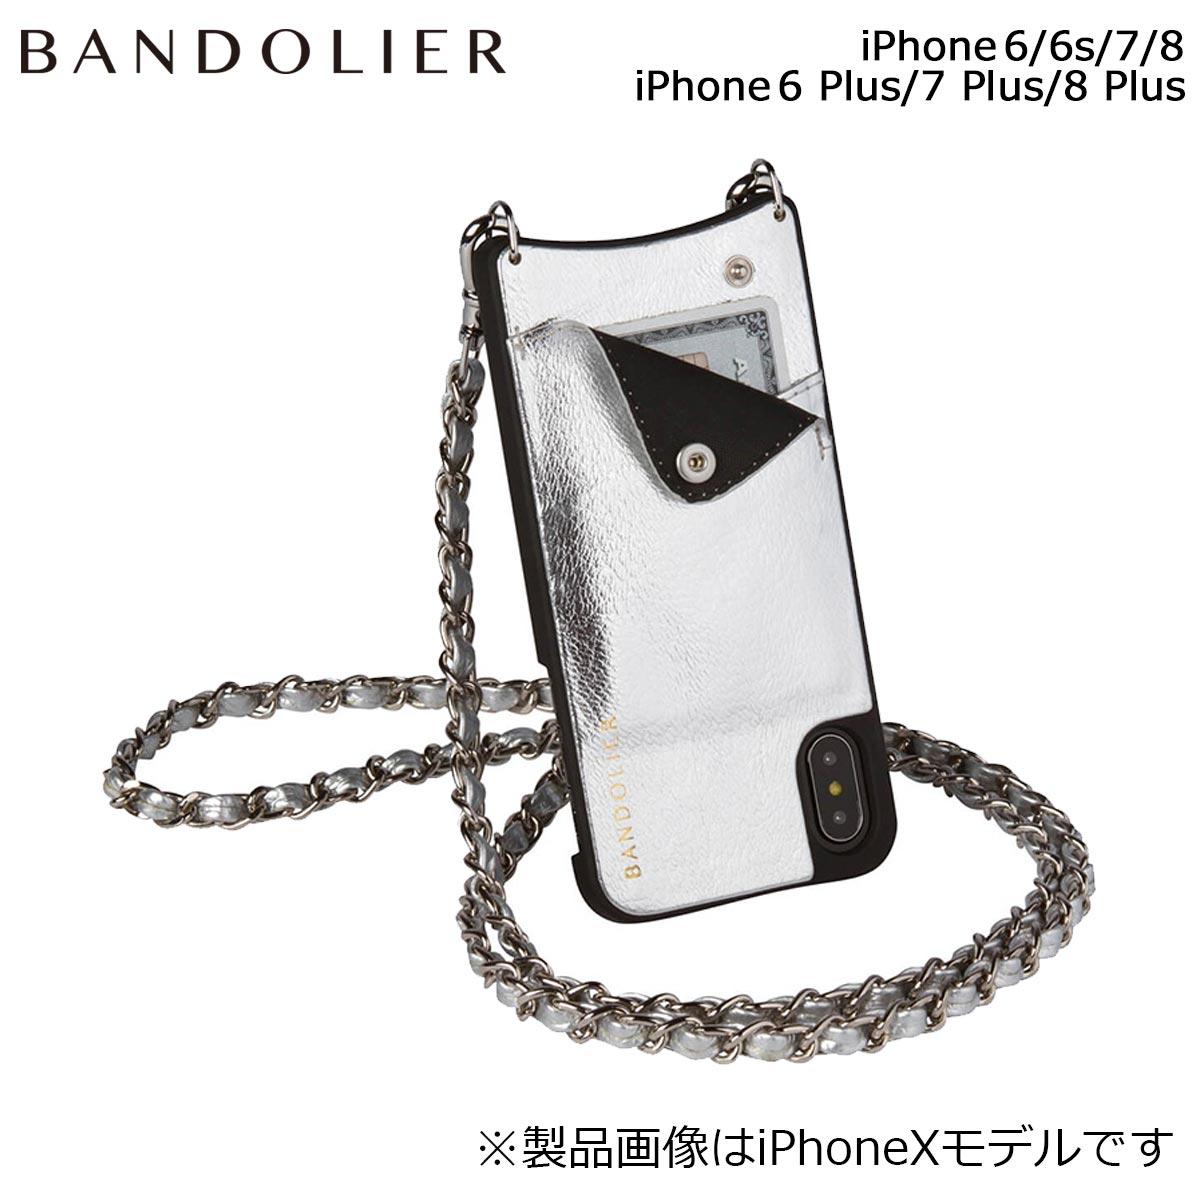 バンドリヤー BANDOLIER iPhone8 iPhone7 7Plus 6s ケース スマホ アイフォン プラス LUCY METALLIC SILVER メンズ レディース シルバー [9/14 追加入荷]